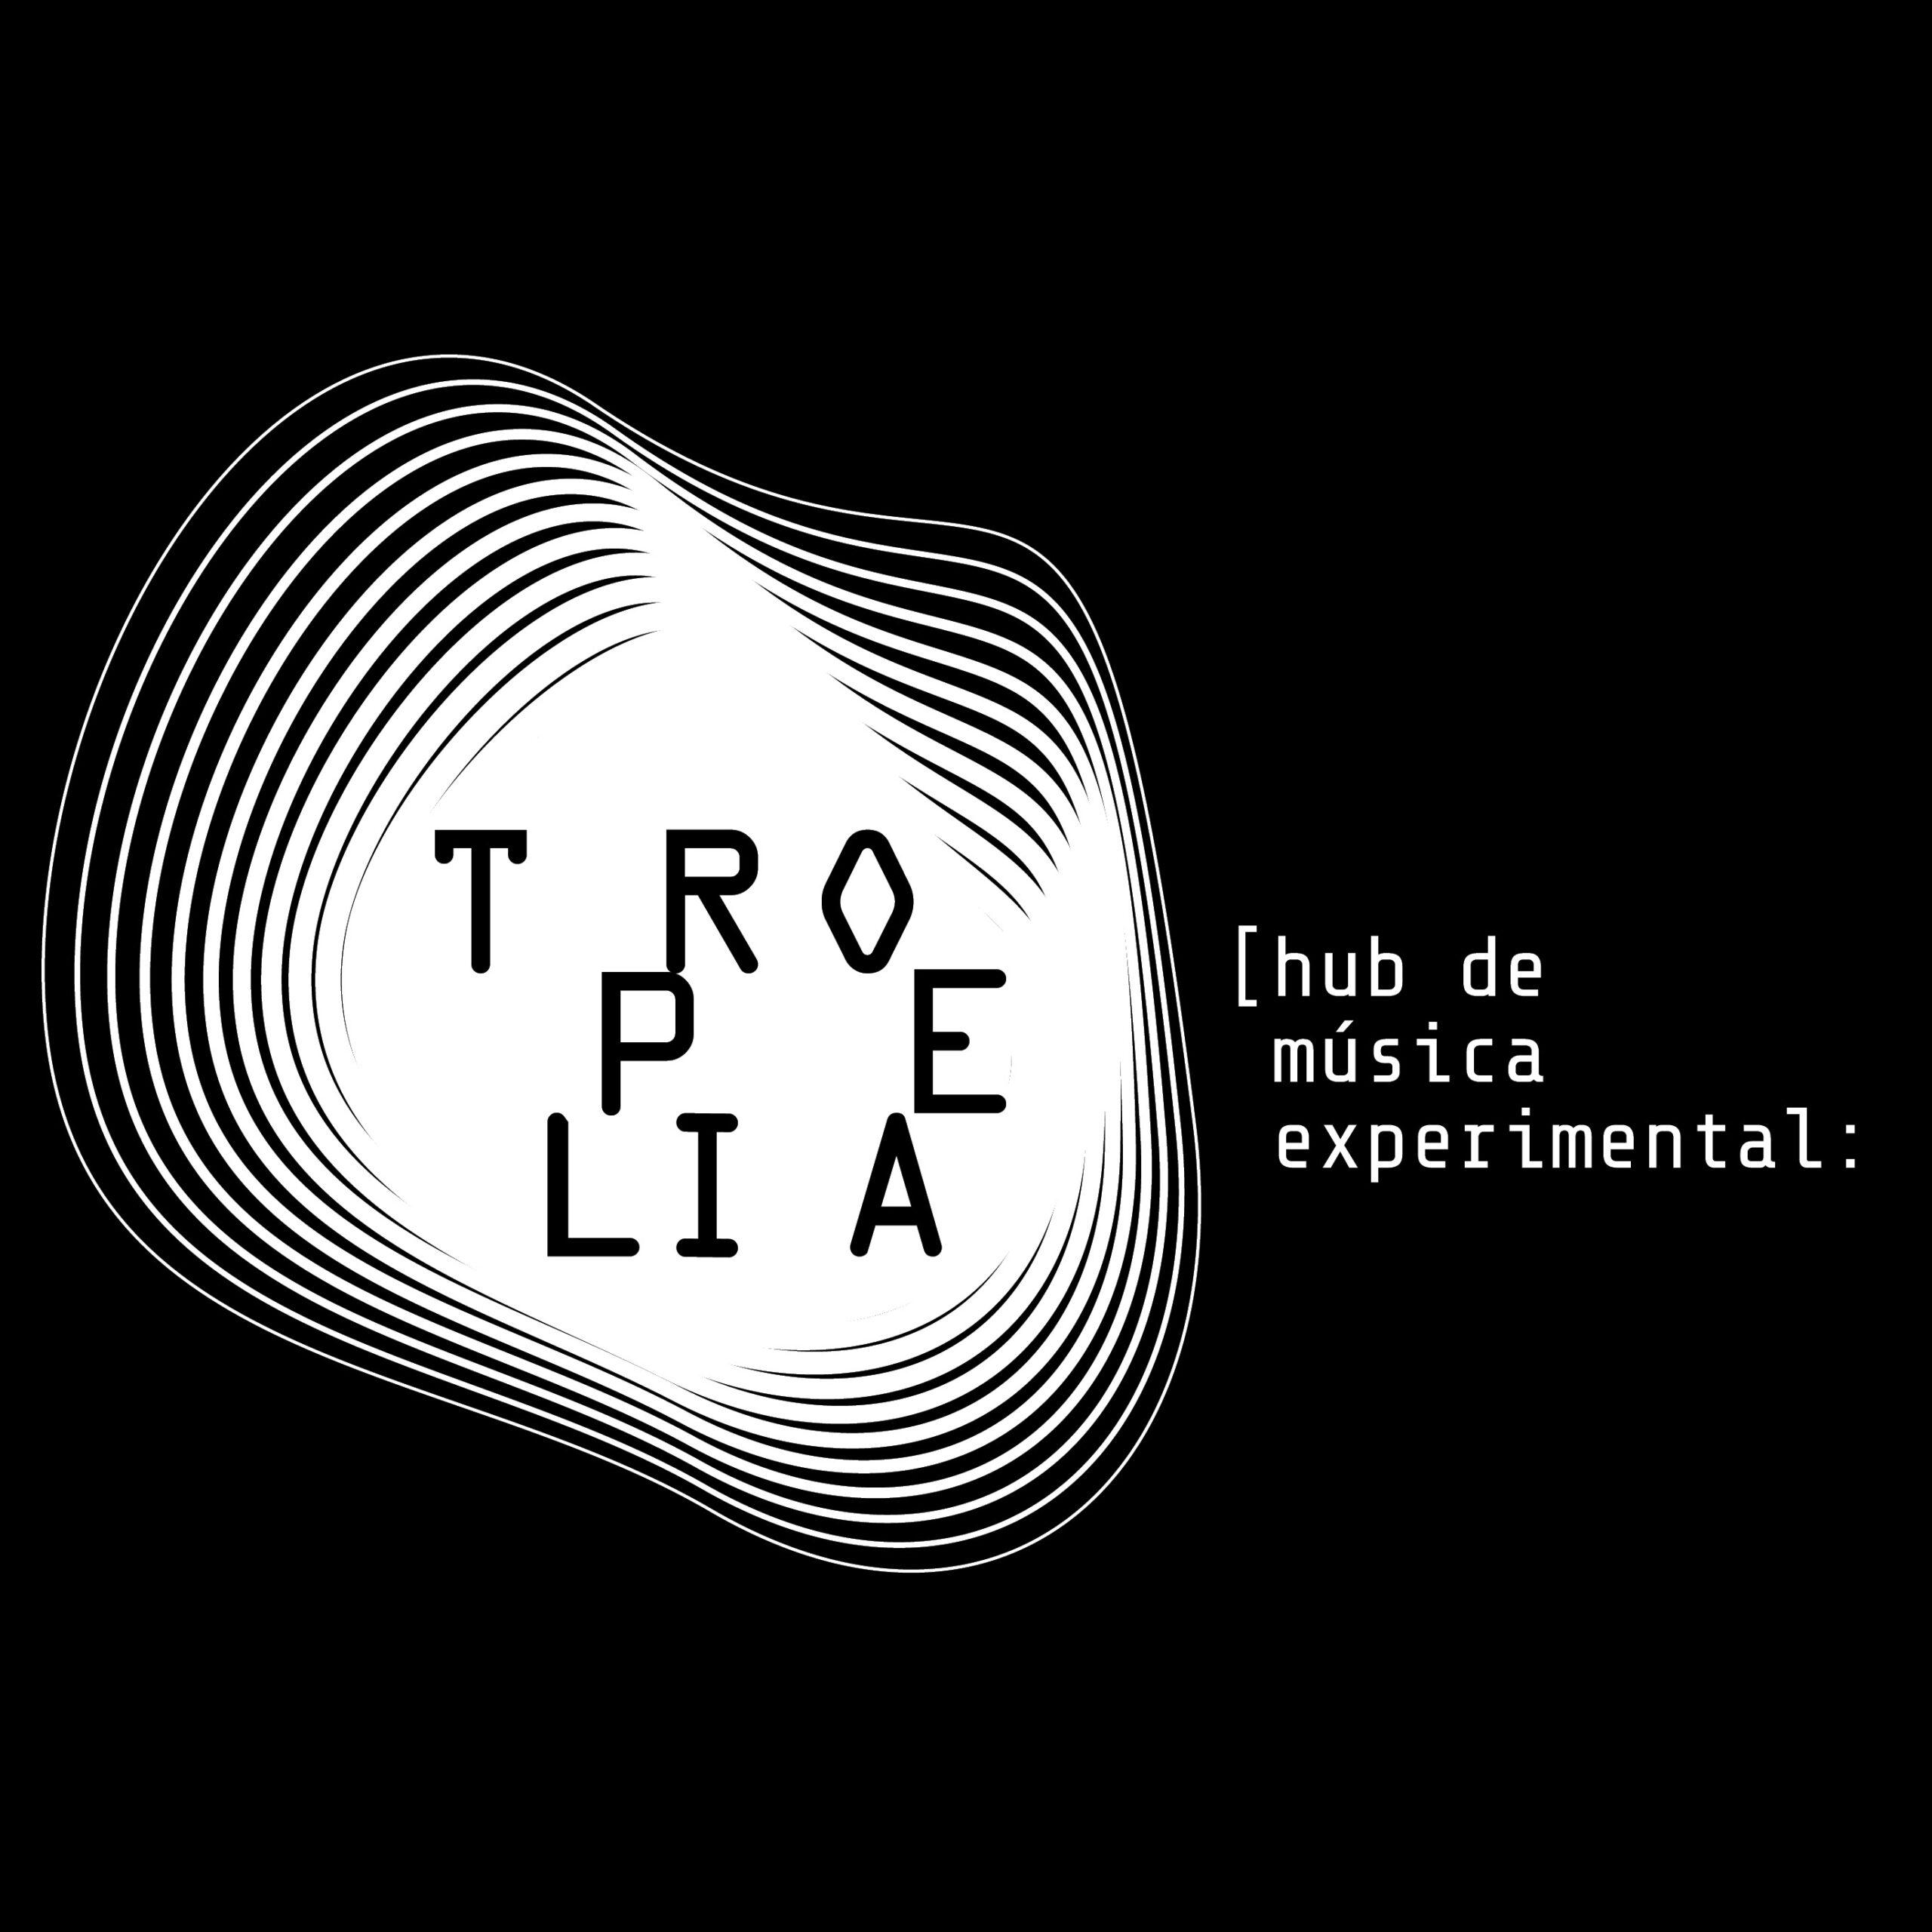 Tropelia